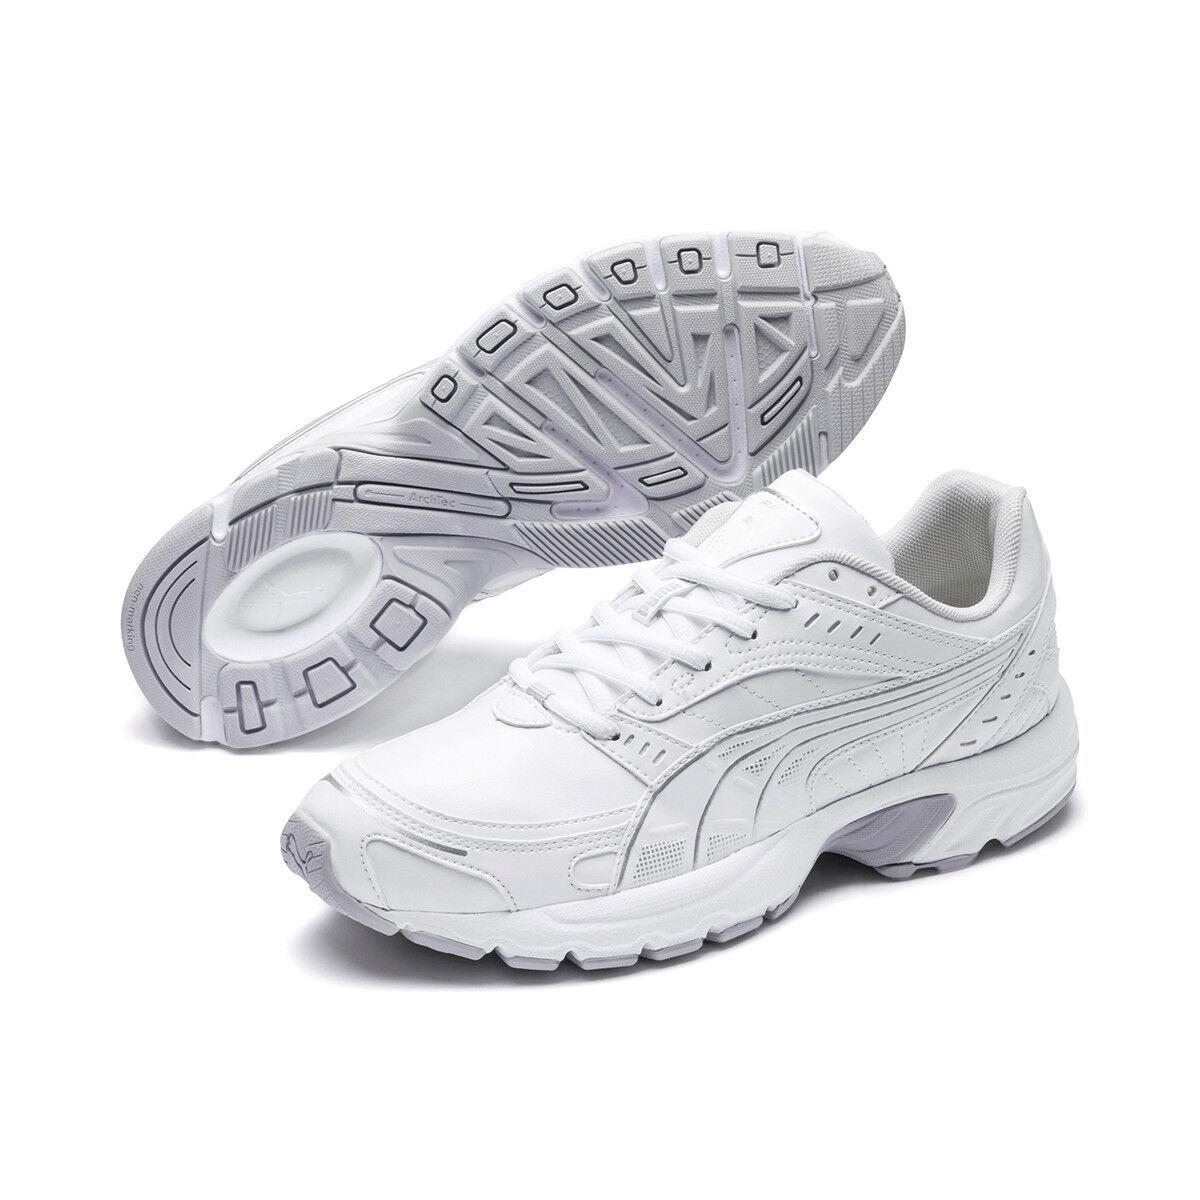 PUMA Axis SL Uomo scarpe da ginnastica Scarpe Bianche 368466 01 | Diversi stili e stili  | Scolaro/Signora Scarpa